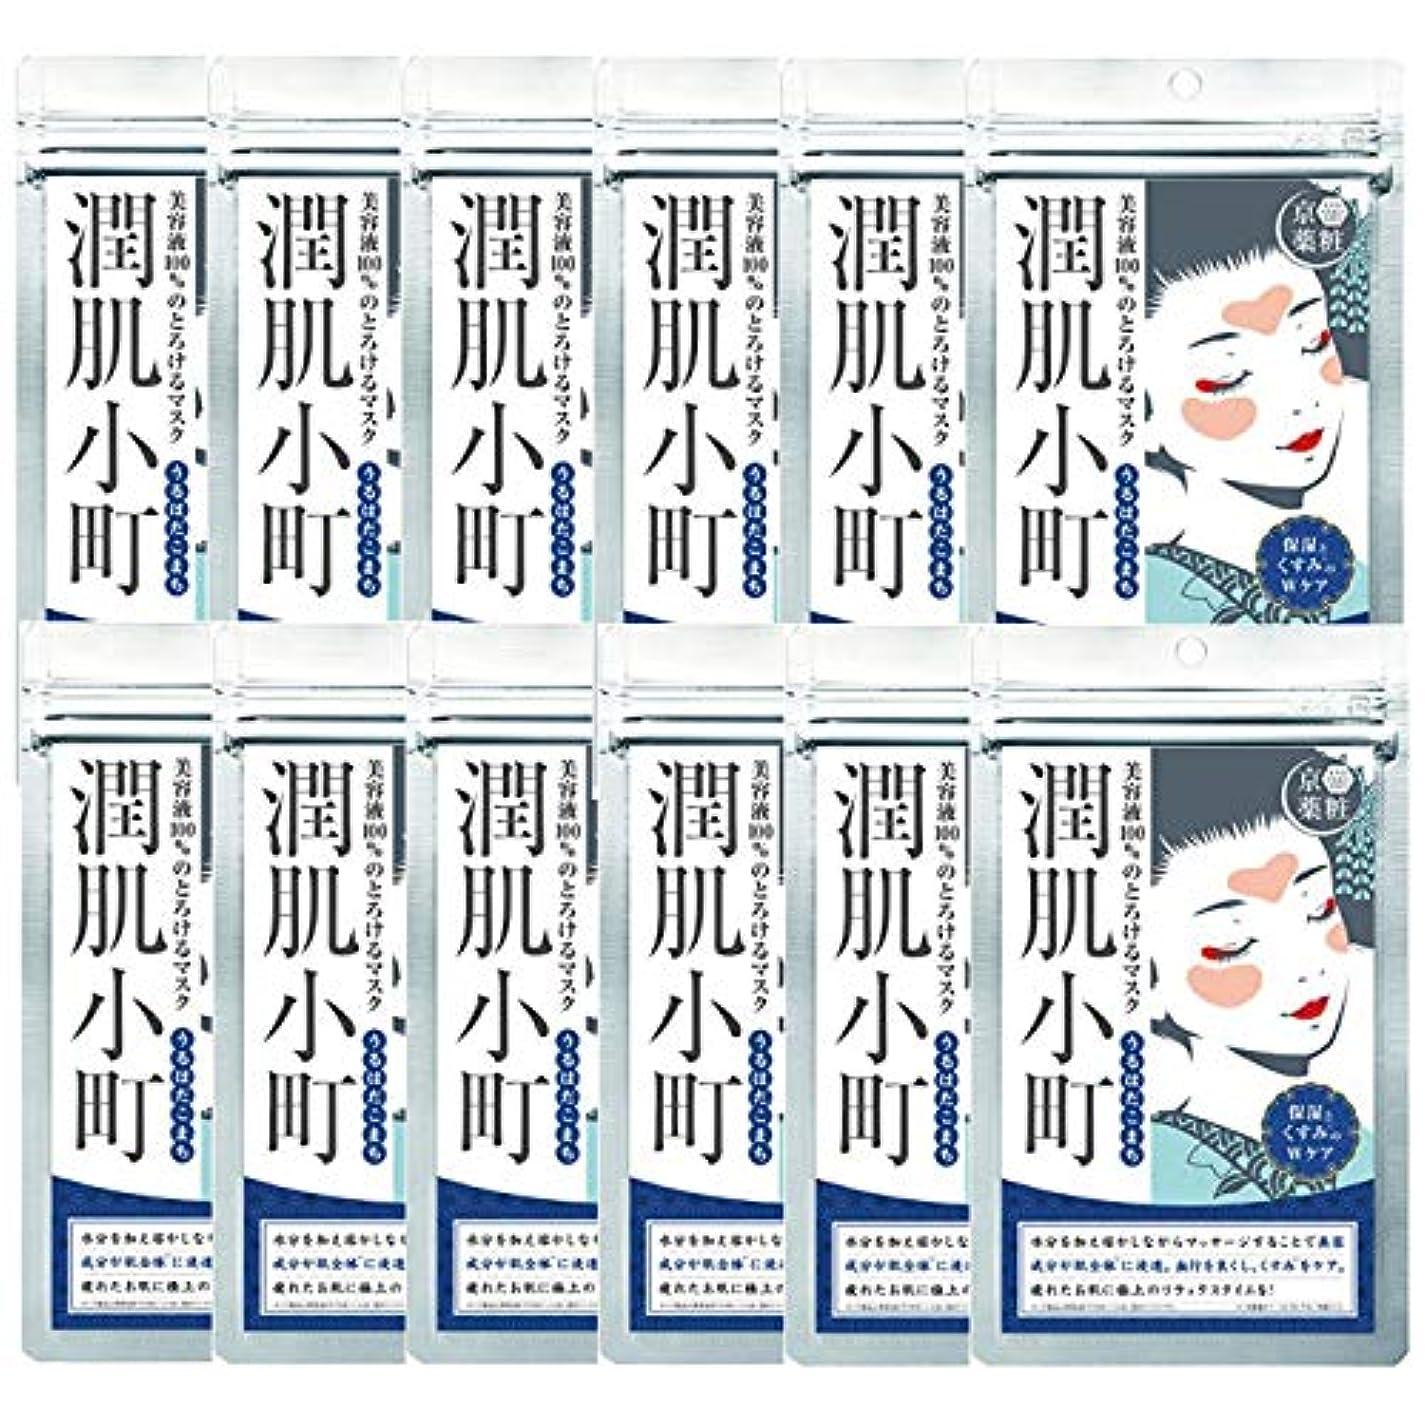 カード意図的オーナー京薬粧 潤肌小町 潤いマスク ×12セット